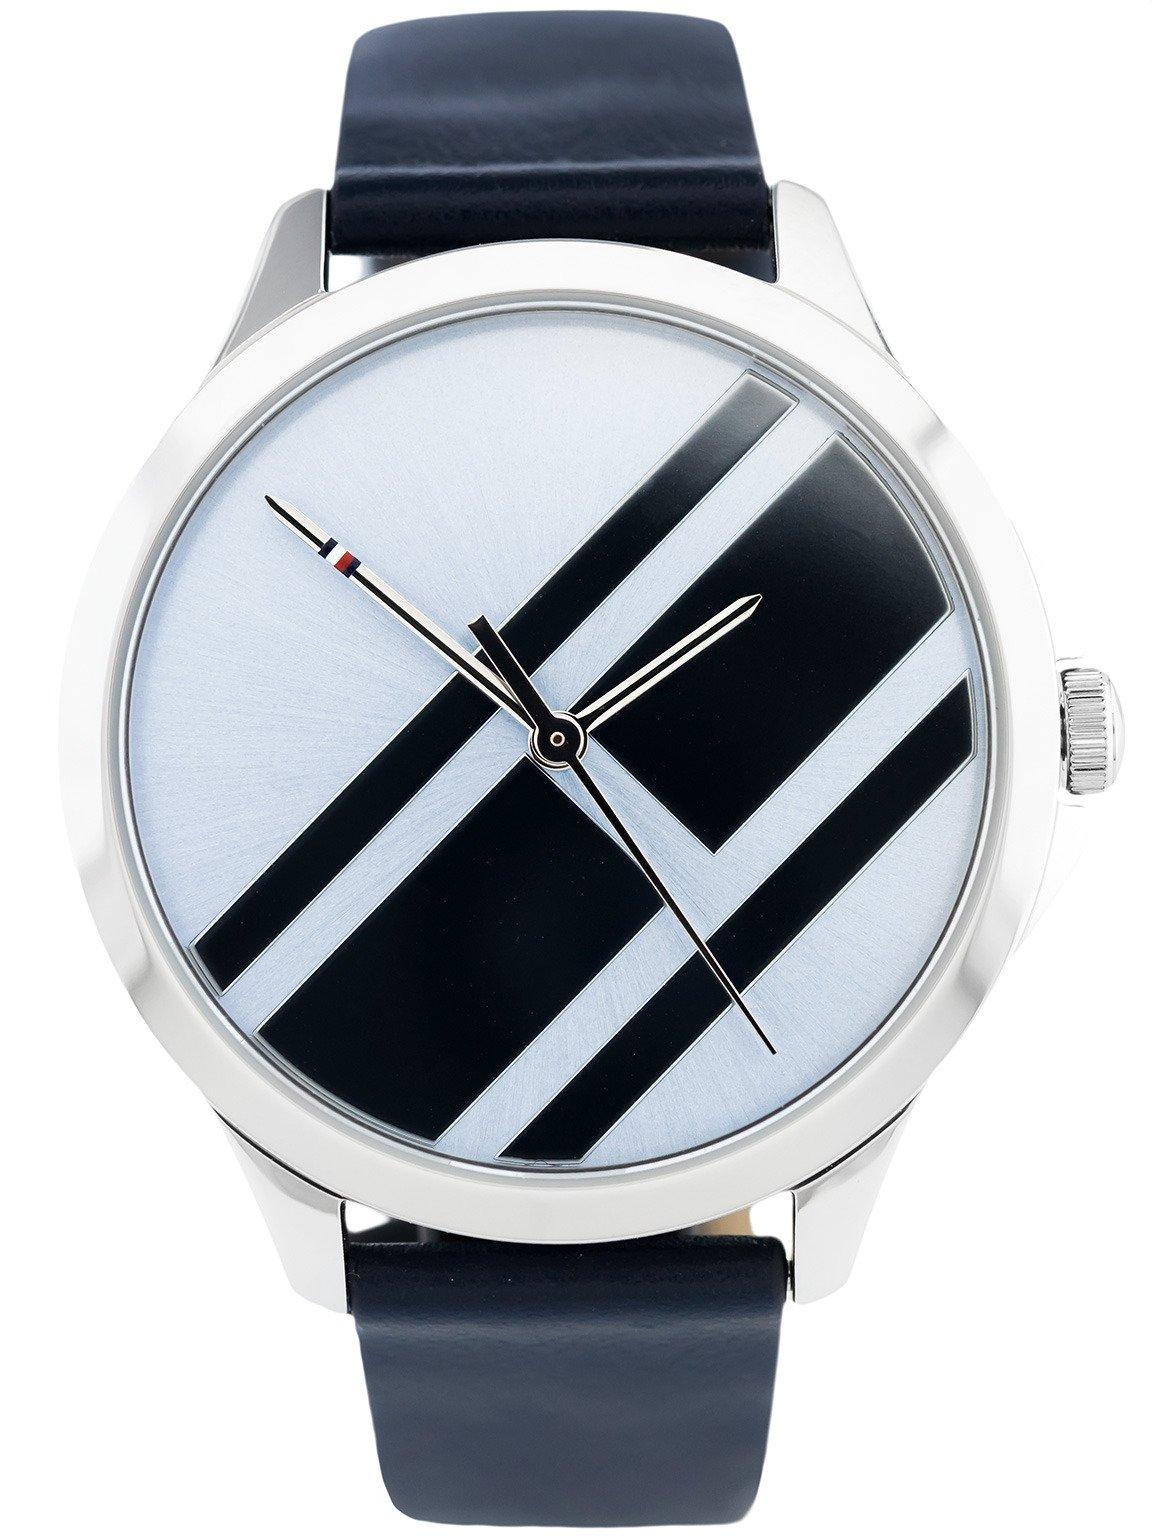 Zupełnie nowe Zegarek damski TOMMY HILFIGER PEYTON 1781964 384,00 zł cena tanio ZJ73